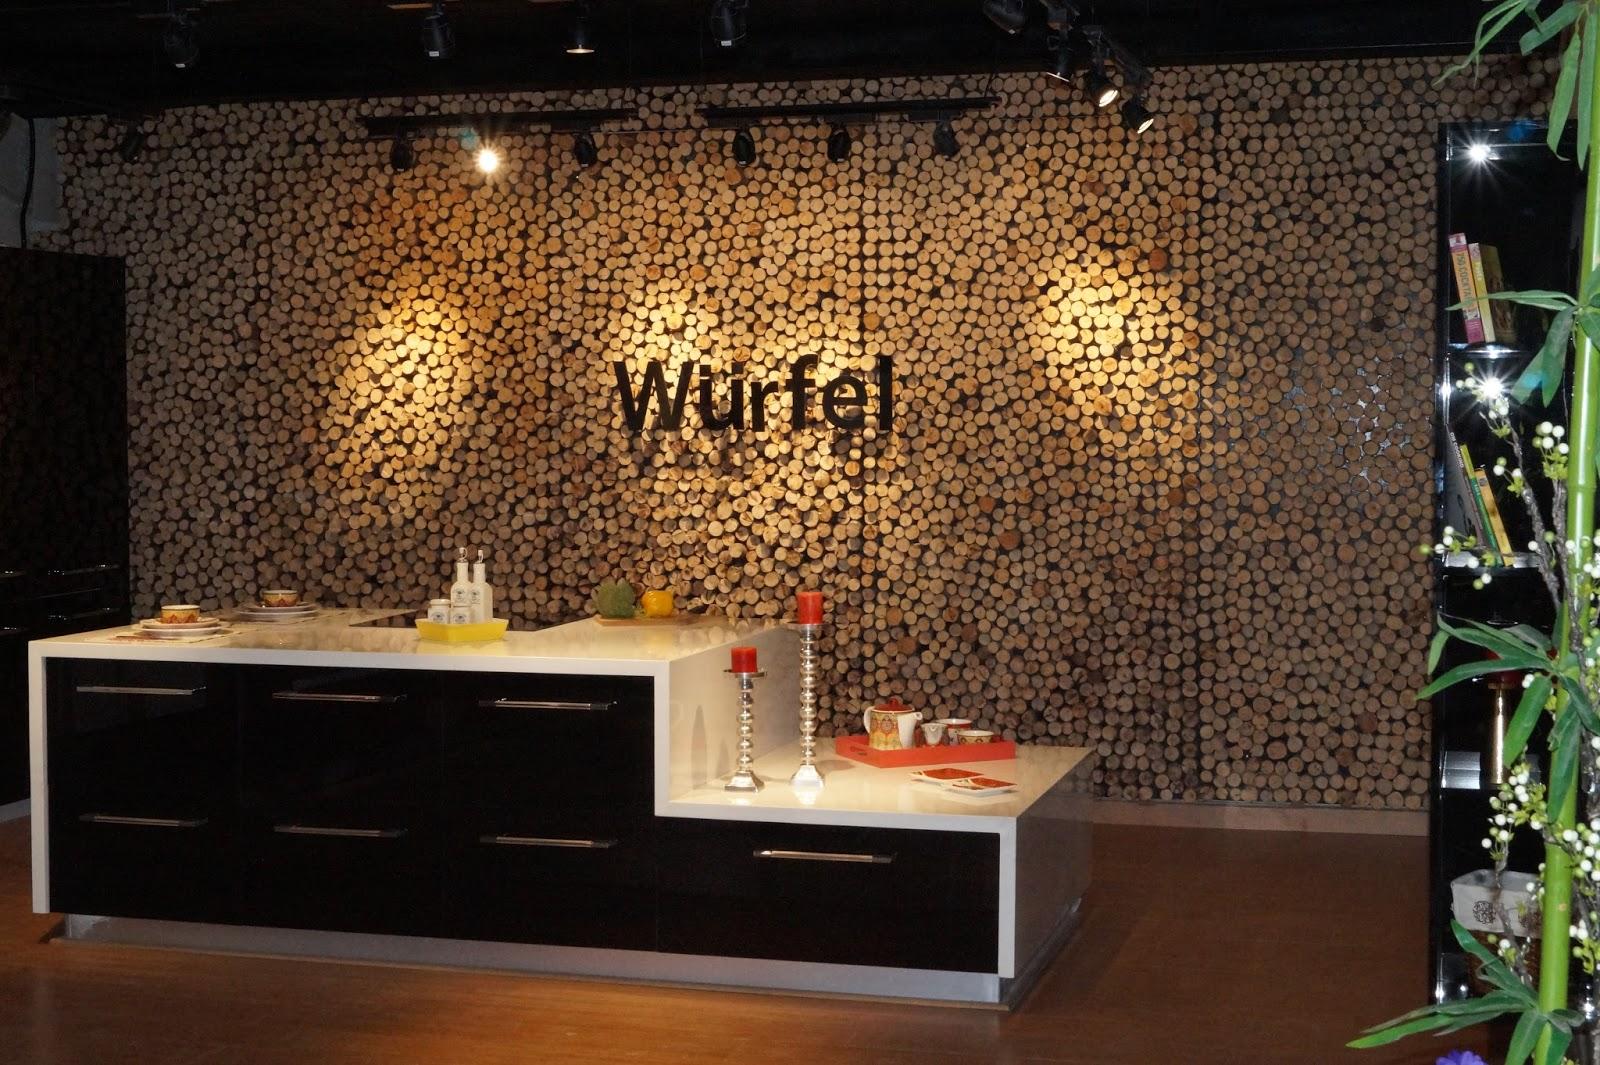 Wurfel Küche - Module Kitchens & Wardrobes |Fodyssey